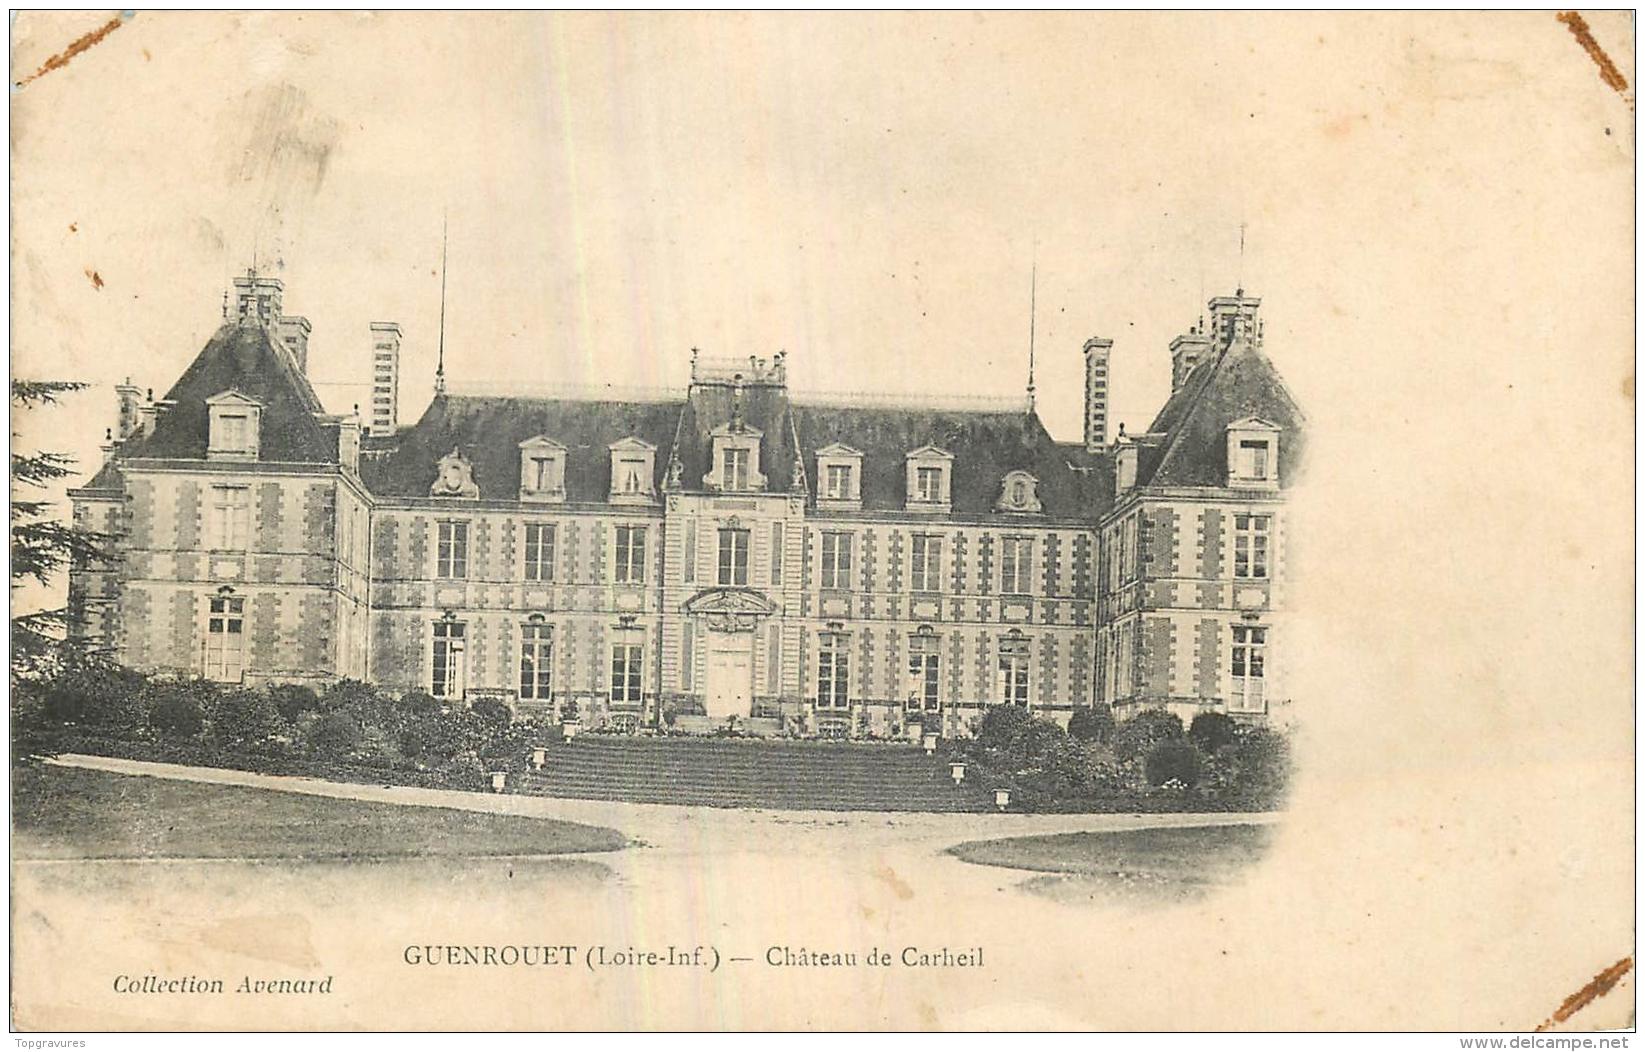 44 Guenrouet Chateau De Carheil - France